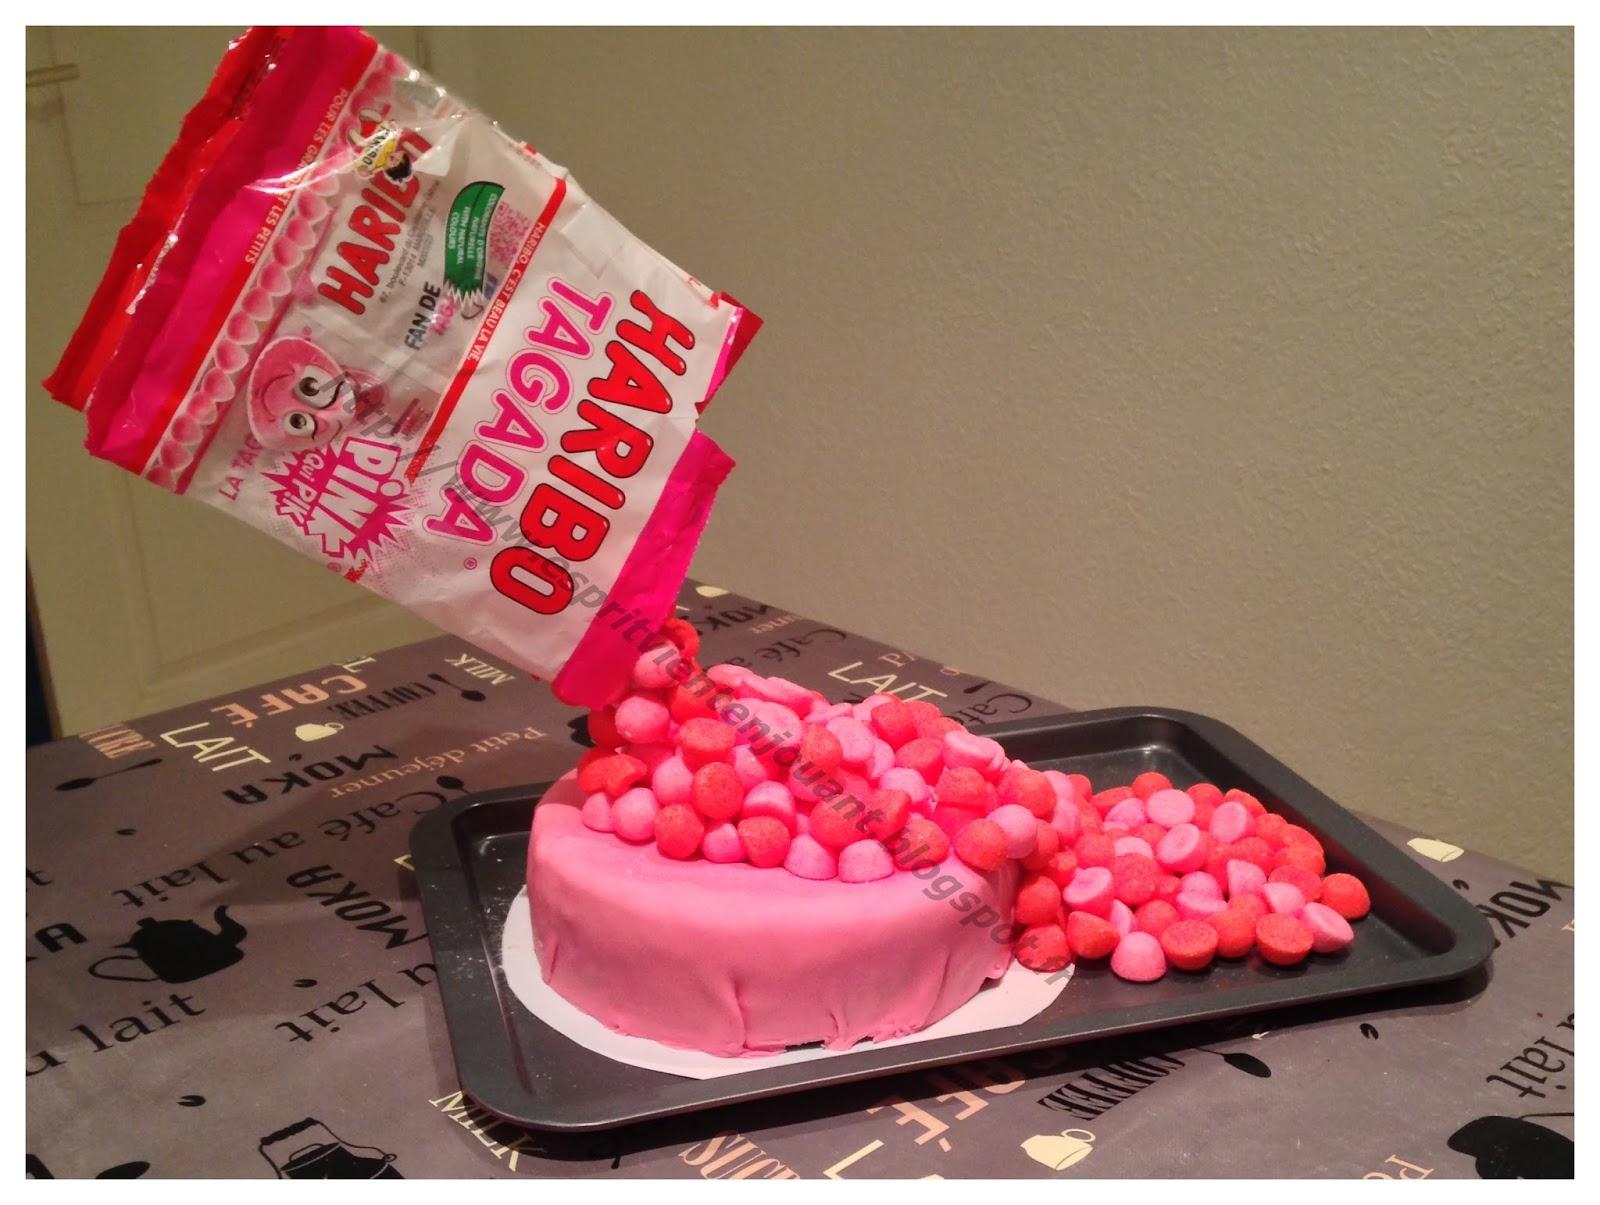 Wyj Cake